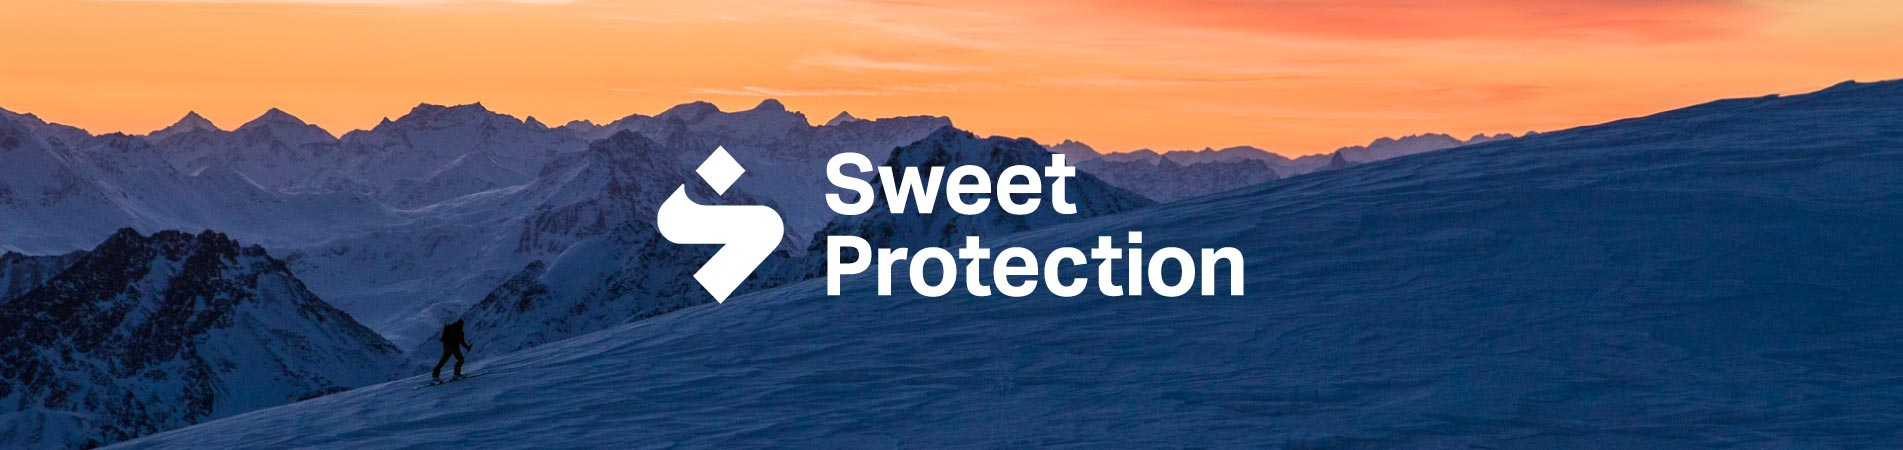 sweet-protection-brand-banner-v1r0.jpg